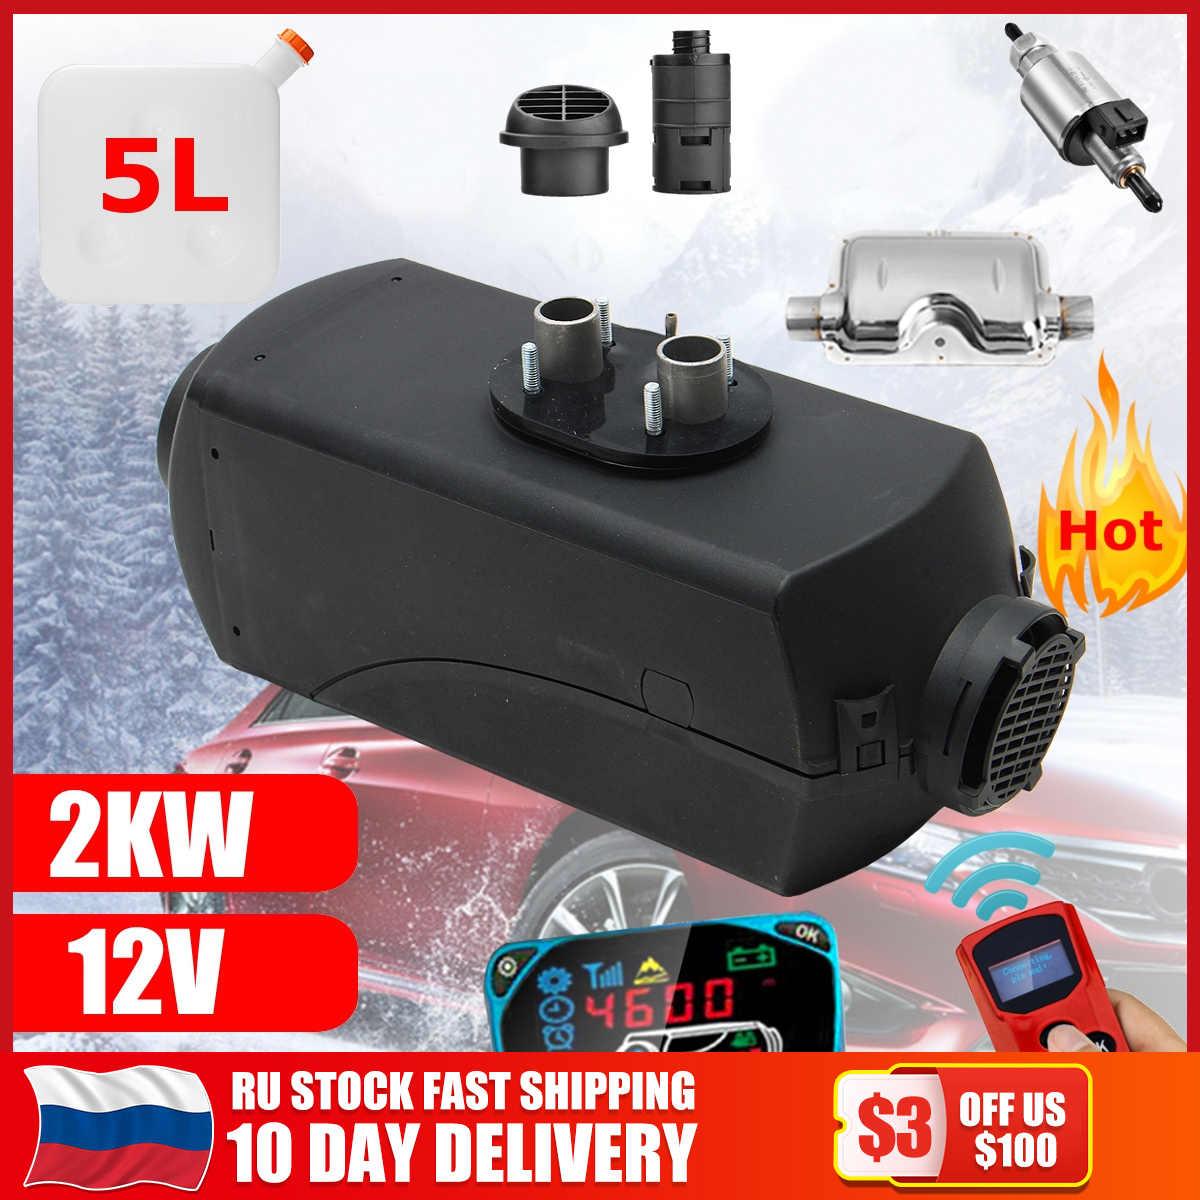 Caravana Remolque KW 12/V Calentador Diesel aire Coche Air Calentador Calentador del aparcamiento Monitor LCD Termostato para furgonetas camiones RV